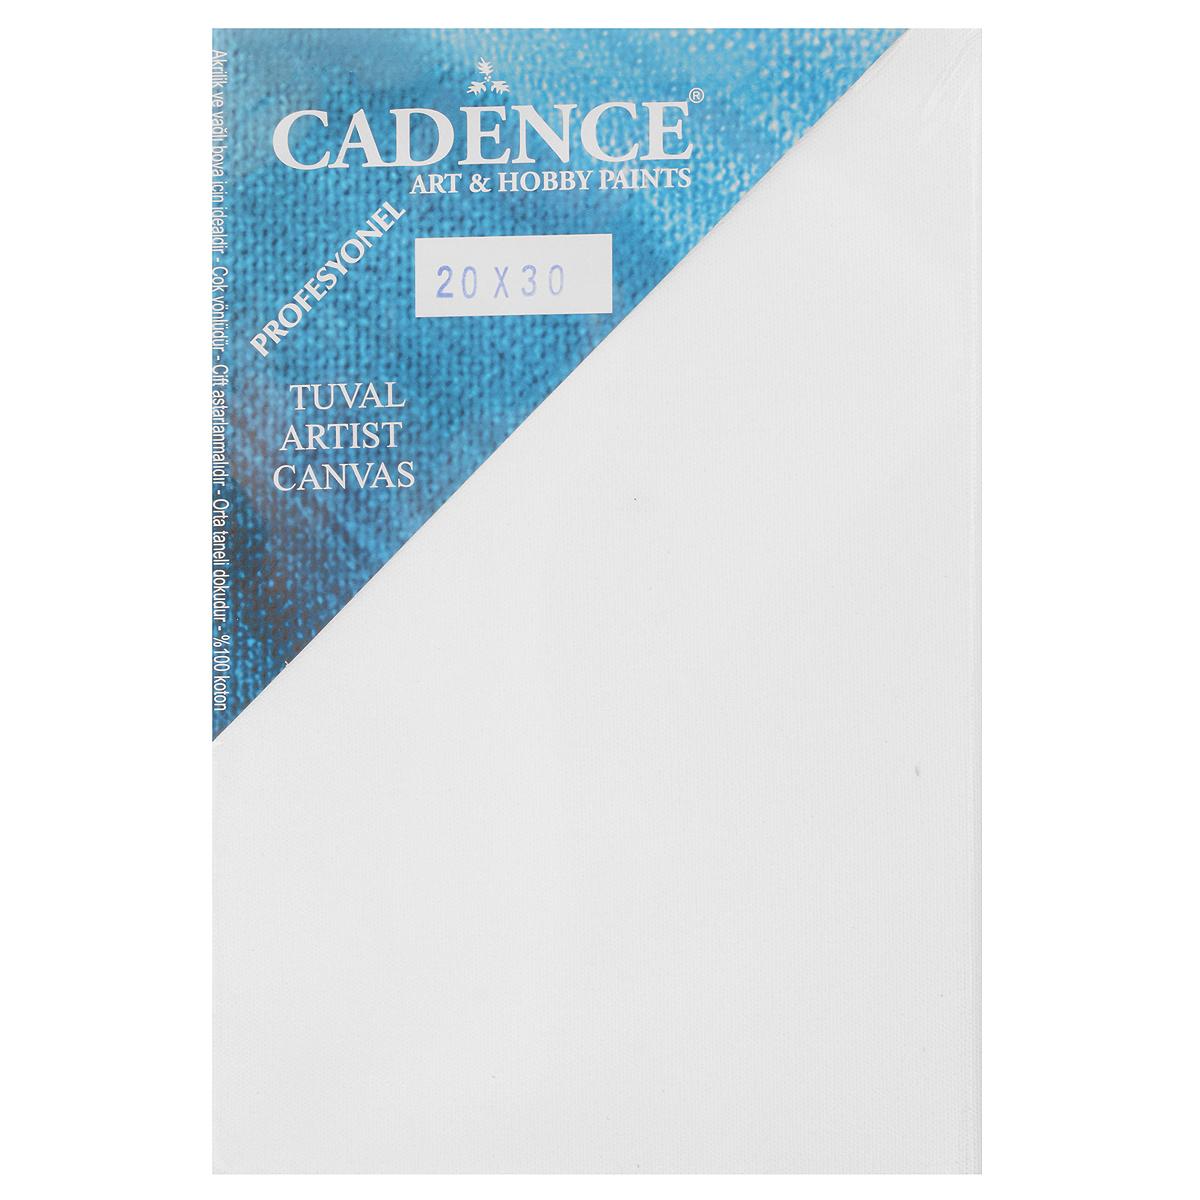 Холст Cadence Professional на подрамнике, 20 x 30 смZ2030-2Холст на подрамнике Cadence Professional изготовлен из 100% натурального хлопка. Подходит для профессионалов и художников. Холст не трескается, не впитывает слишком много краски, цвет краски и качество не изменяются. Среднезернистый холст идеально подходит для масляной и акриловой живописи. Не содержит кислот, не опасен для здоровья, не содержит ПВХ. Двойная деревянная рамка обеспечивает простоту использования для больших размеров. Подрамник с высоким качеством древесины не создаст проблем с изгибом.